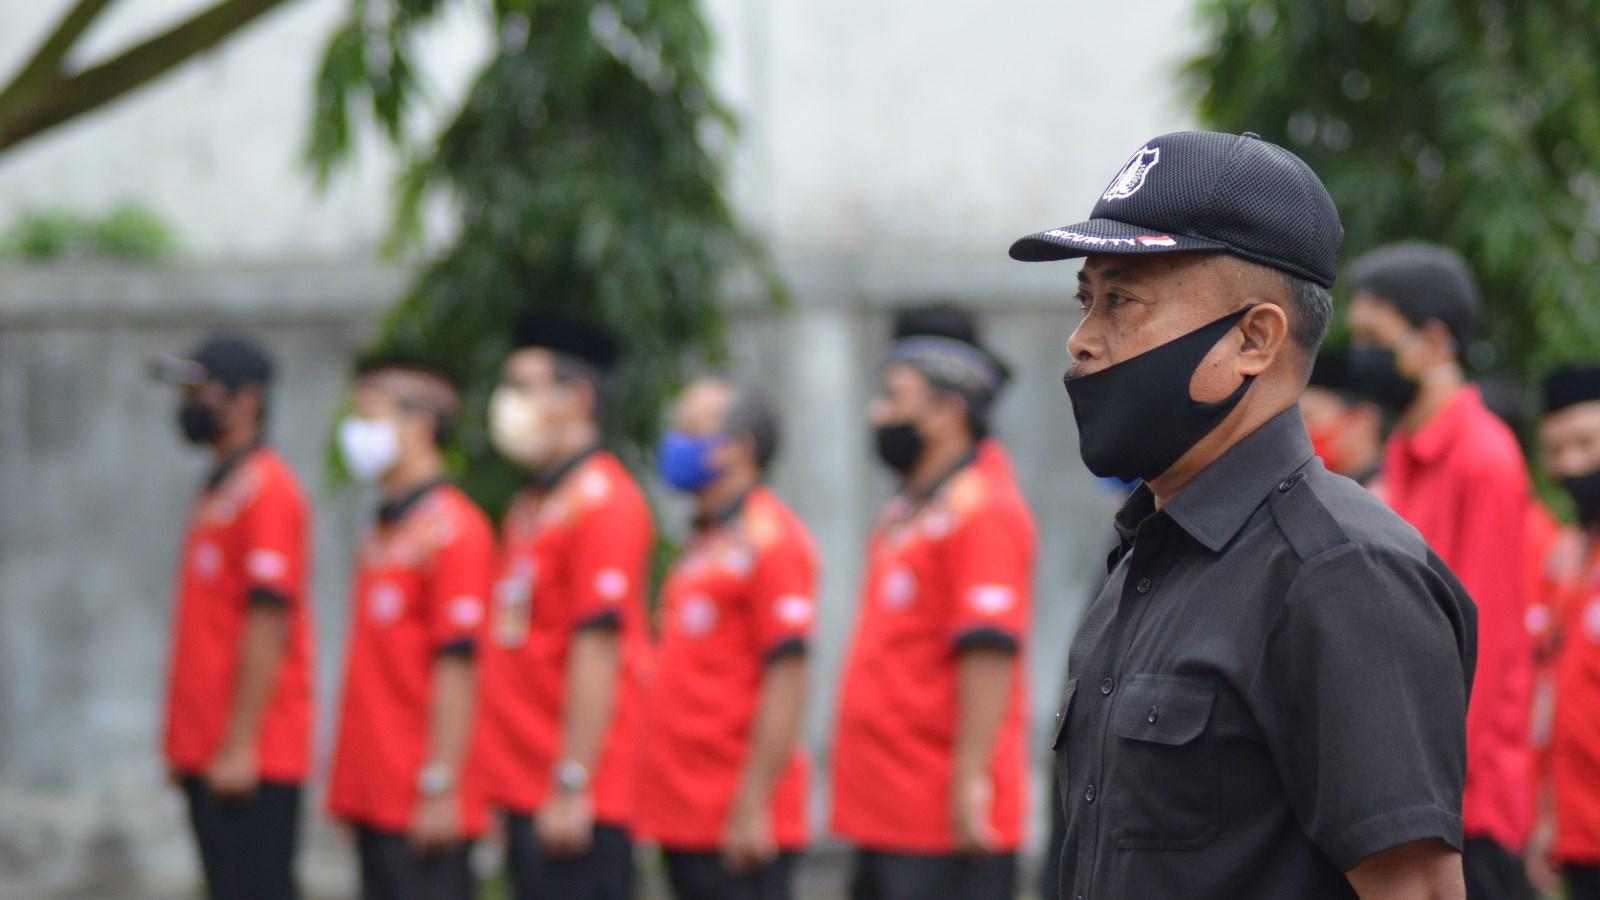 Komandan upacara Yutikno dalam Peringatan Detik-detik Proklamasi Kemerdekaan ke-75 RI di Universitas Mulia. Foto: Biro Media